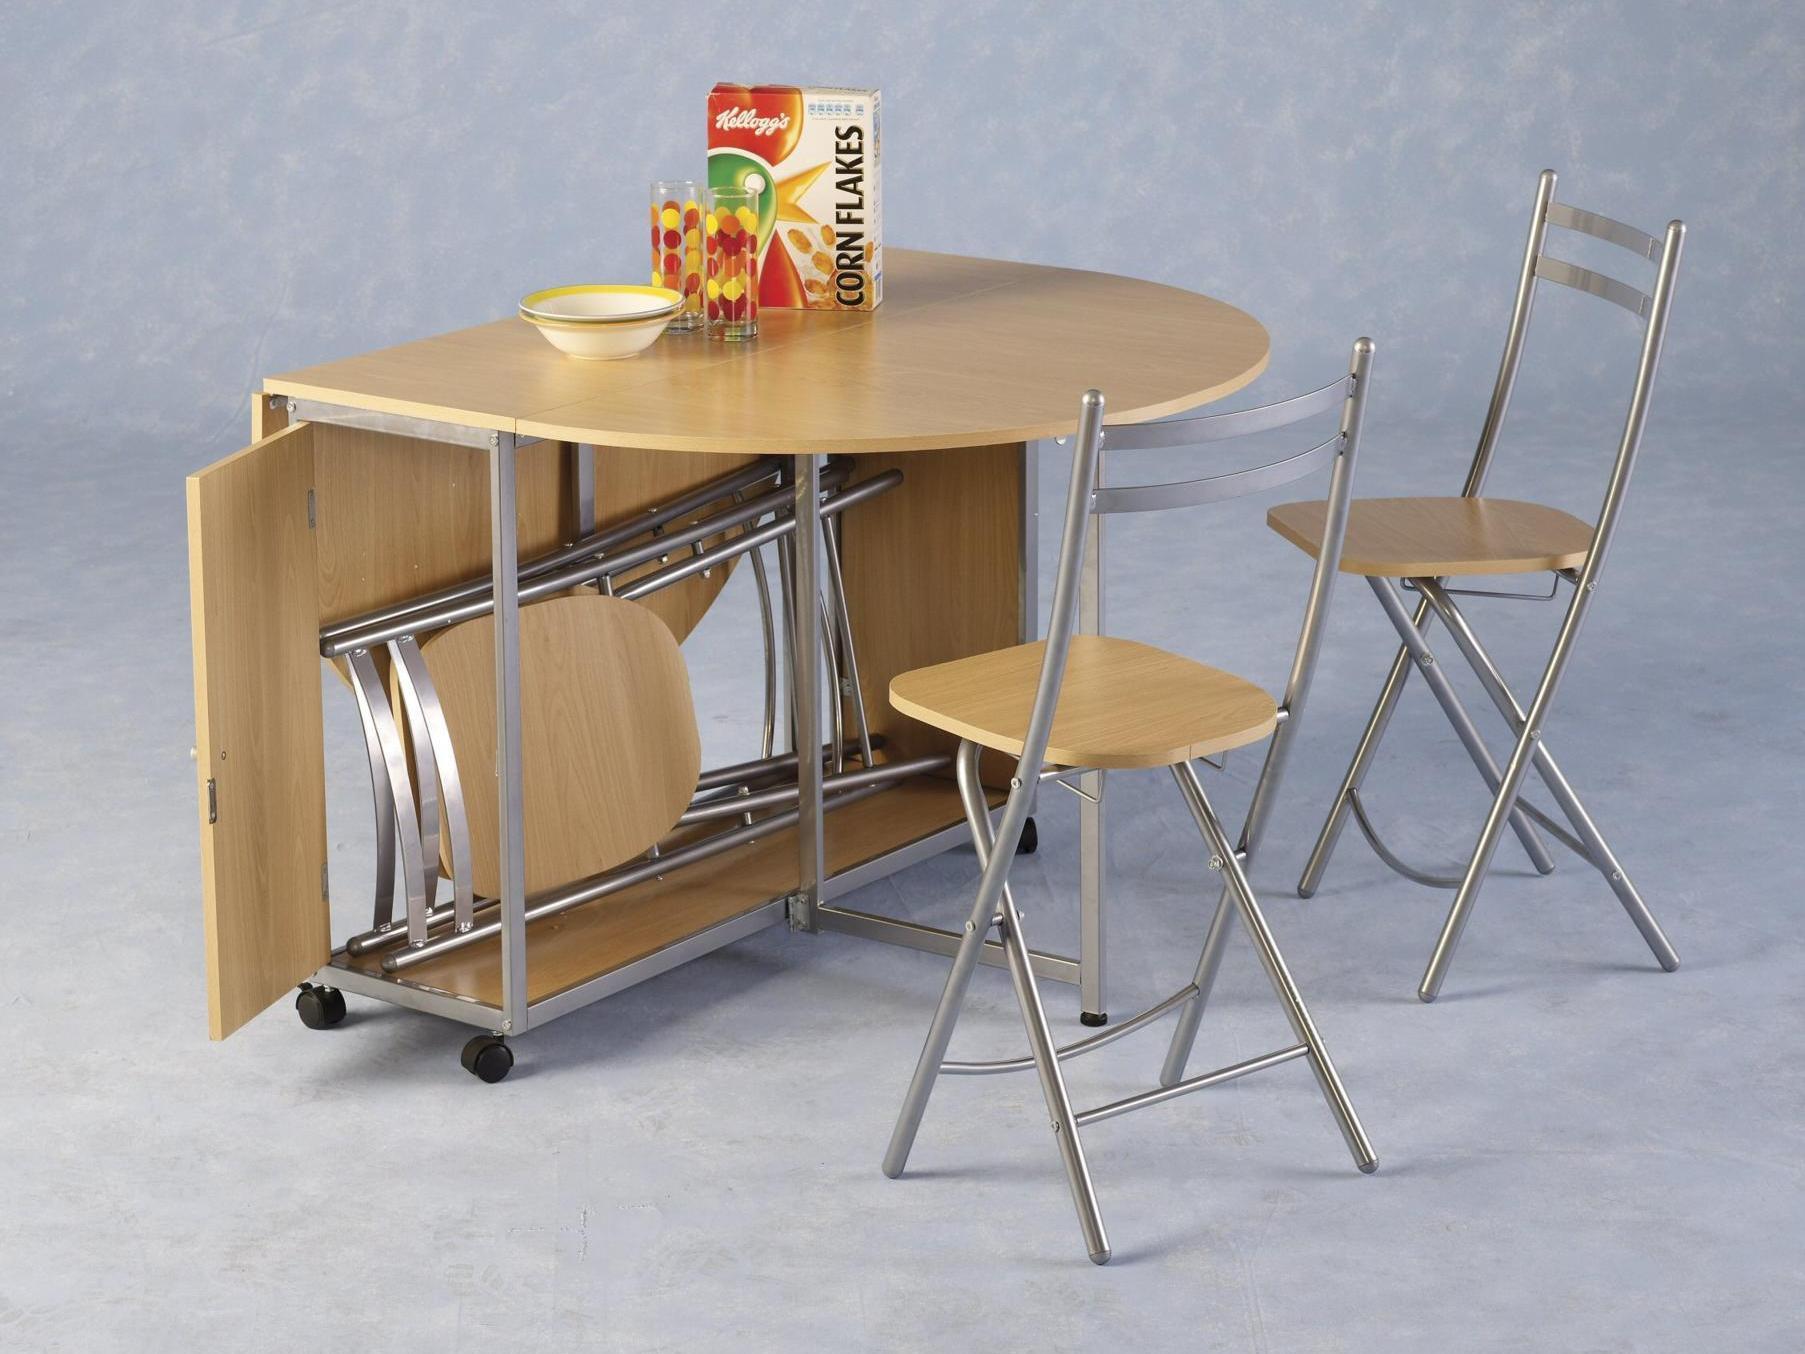 Столы книжки с полками и ящиками, рекомендации и их виды